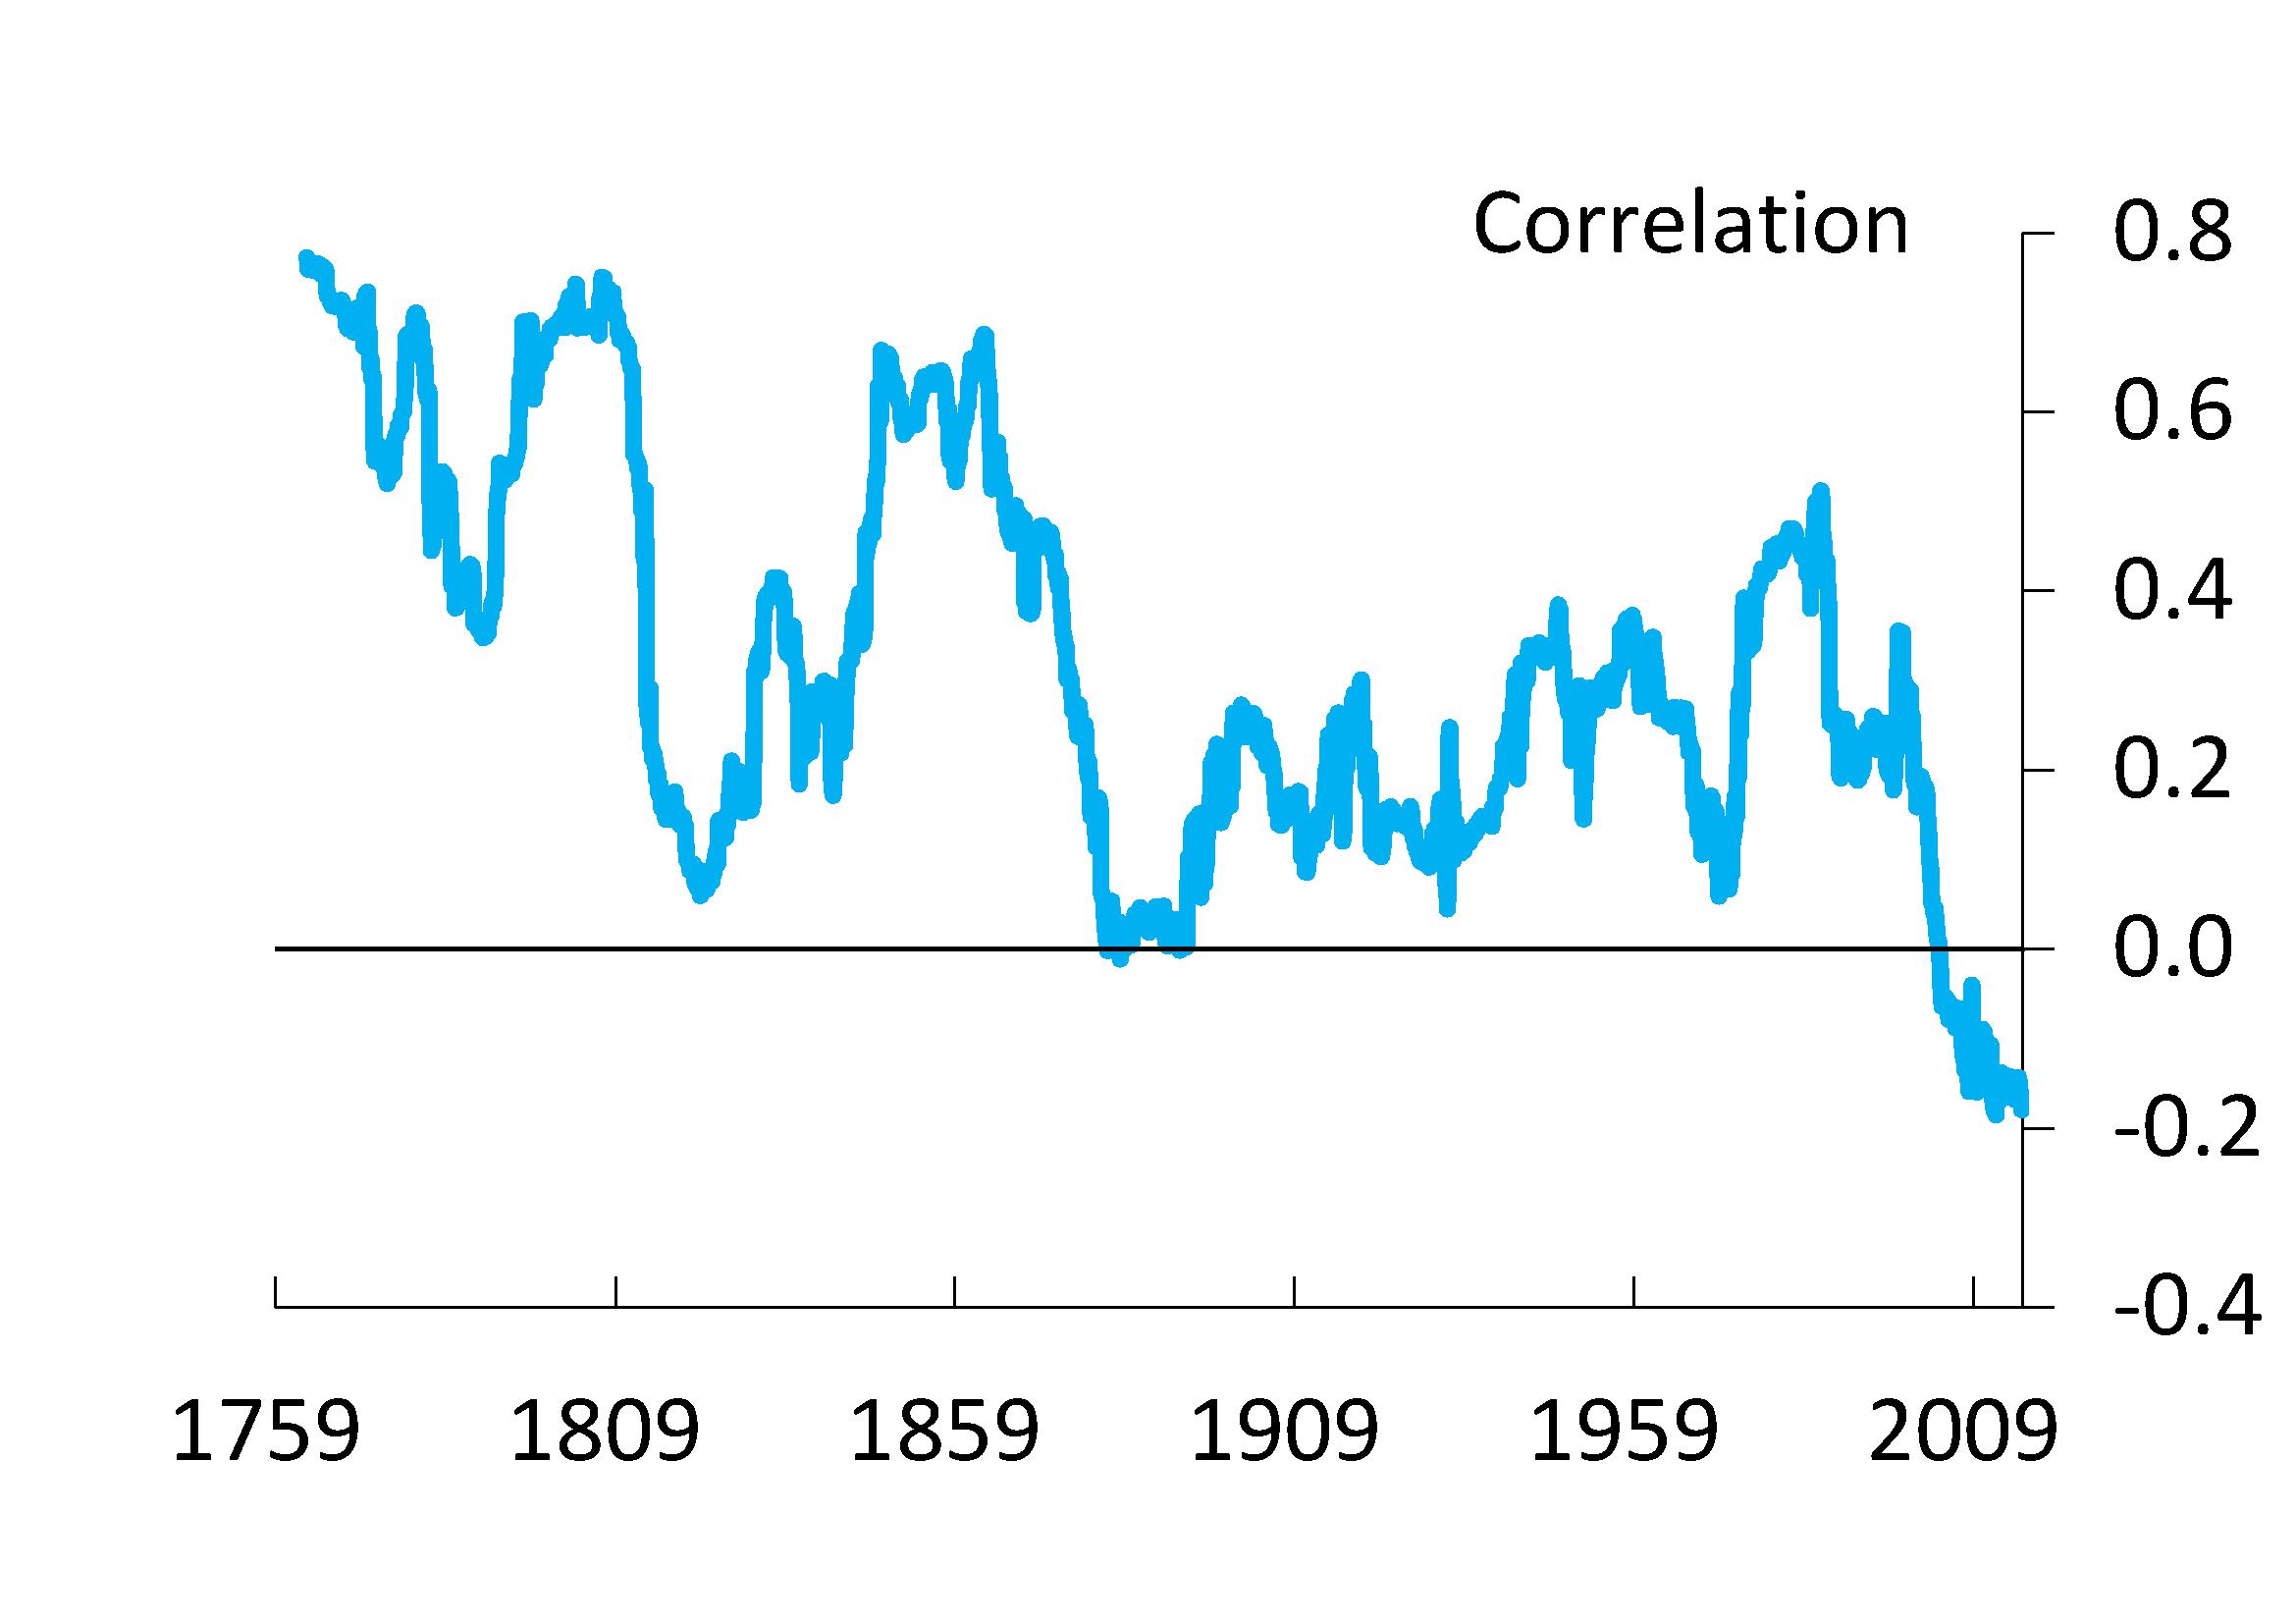 Aktien-Anleihen-Korrelation (gefunden auf bankunderground)